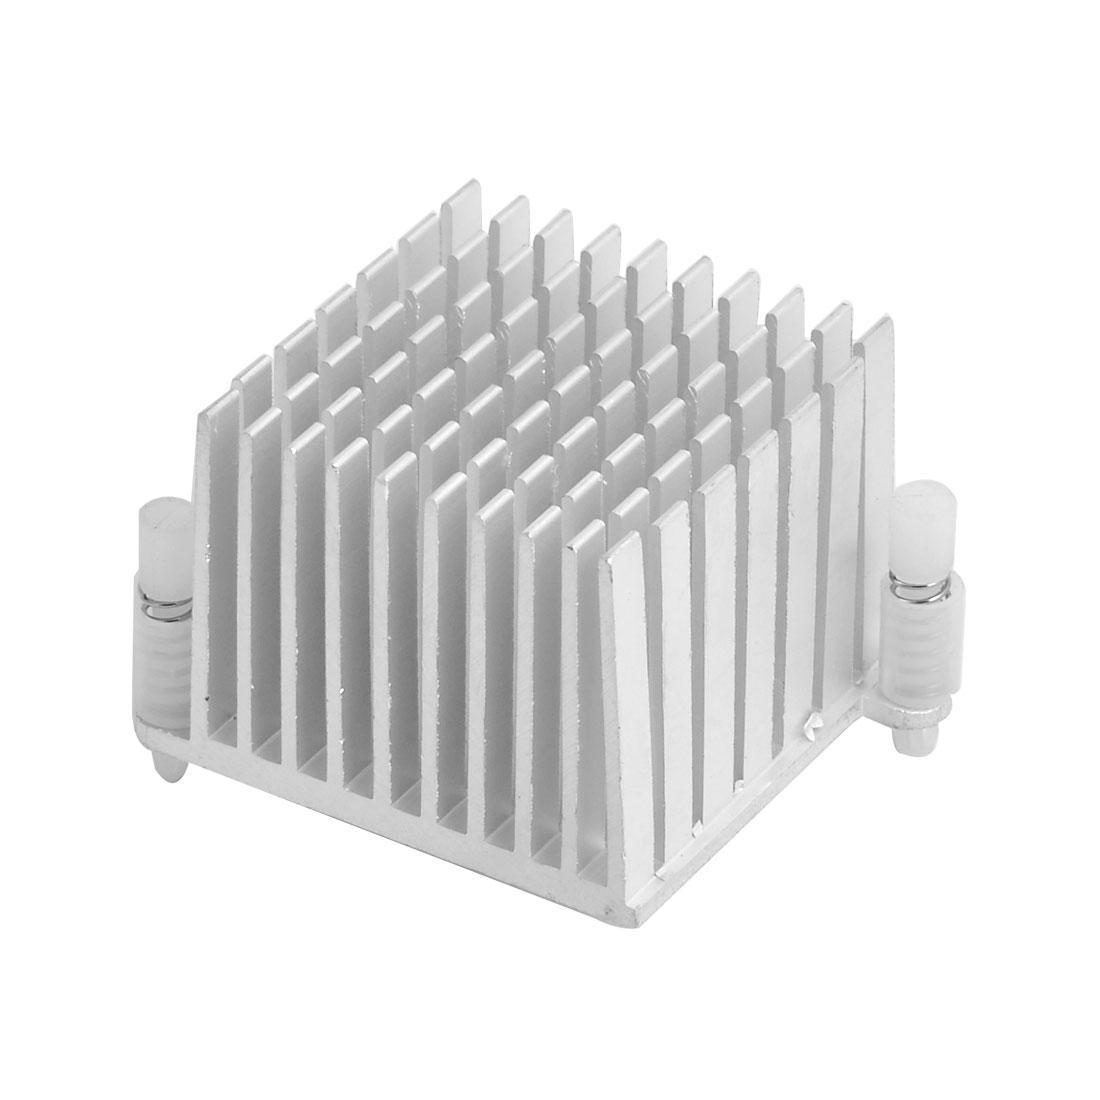 Aluminium Heat Diffusion Heatsink Cooling Fin Silver Tone 37mm x 37mm x 30mm